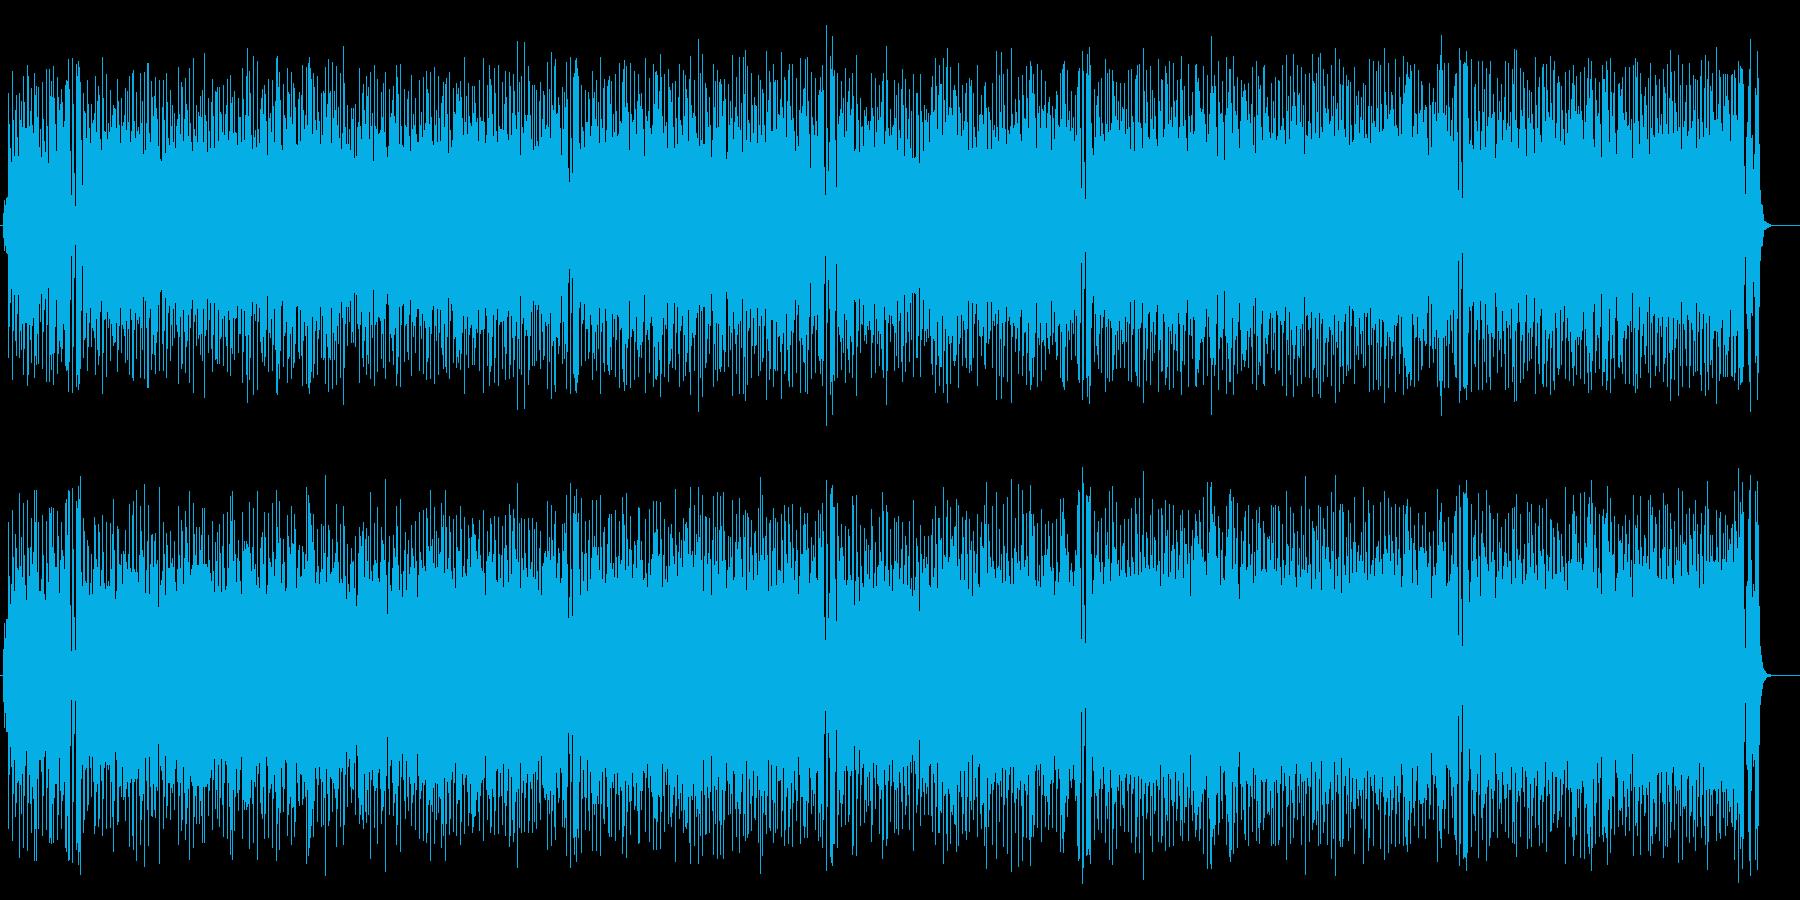 ワールド系サンバ風BGM(フルサイズ)の再生済みの波形